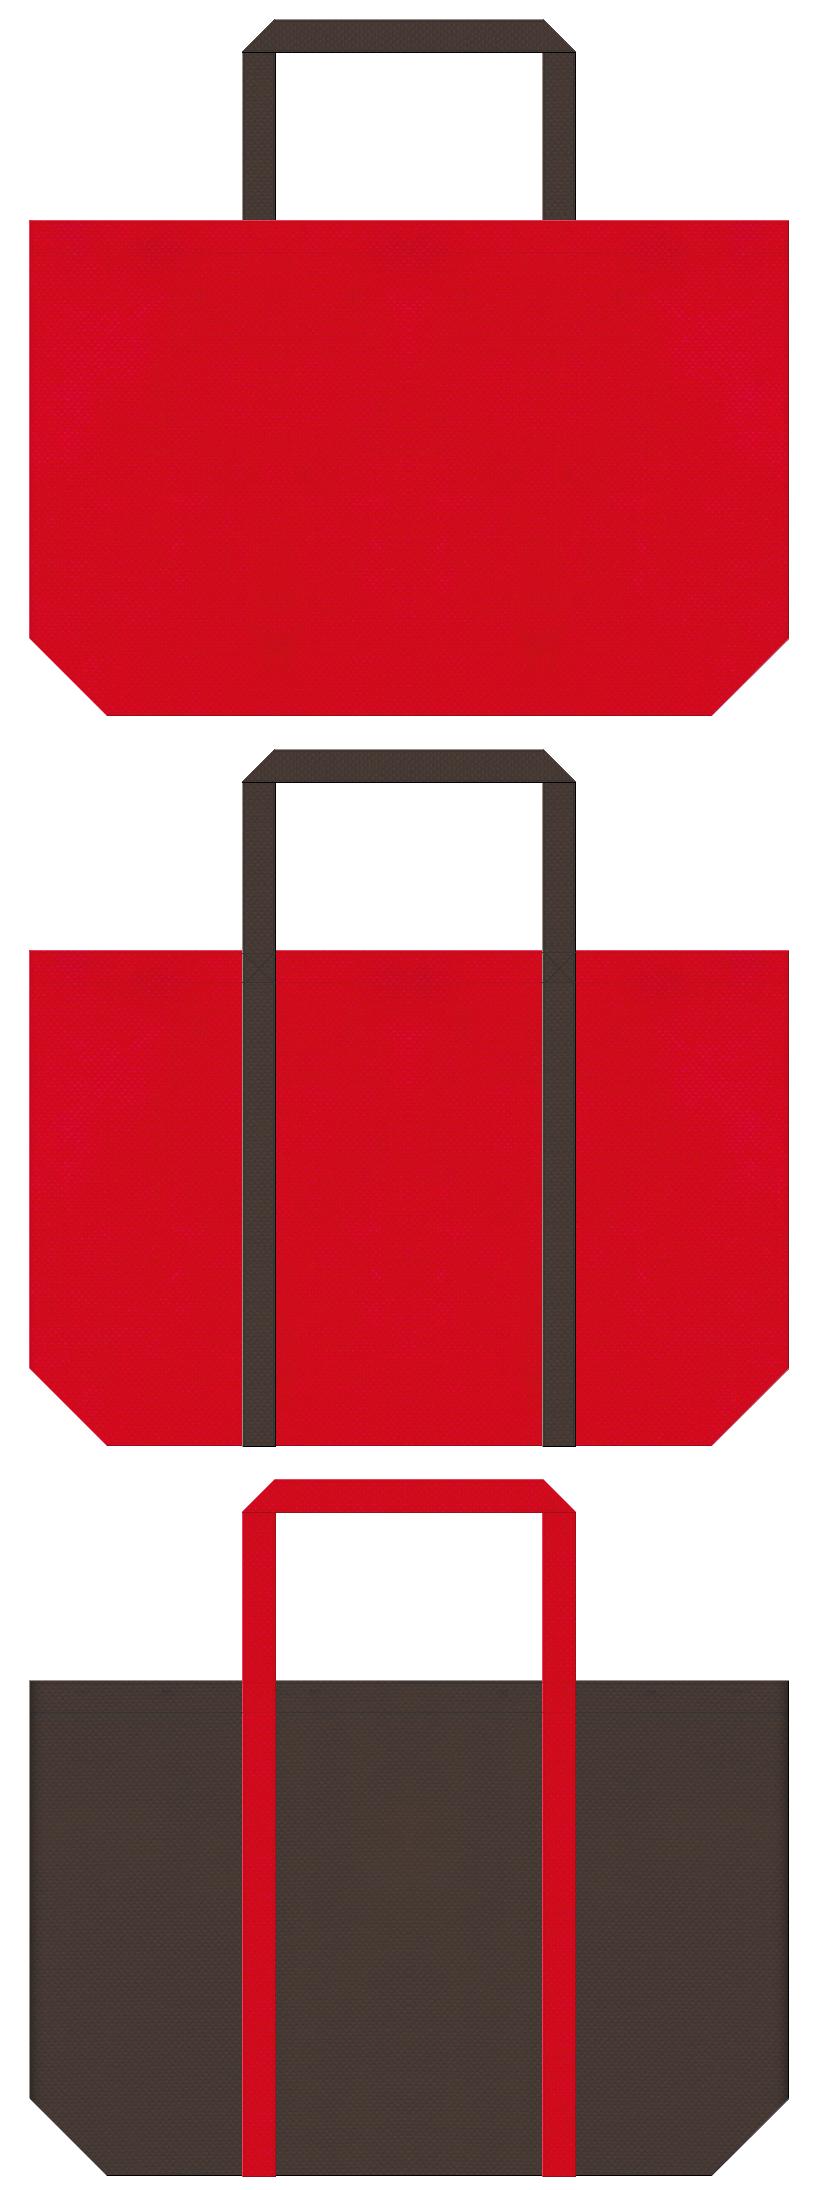 不織布ショッピングバッグのデザイン:紅色とこげ茶色のコーデ。クリスマス商品のショッピングバッグにお奨めです。